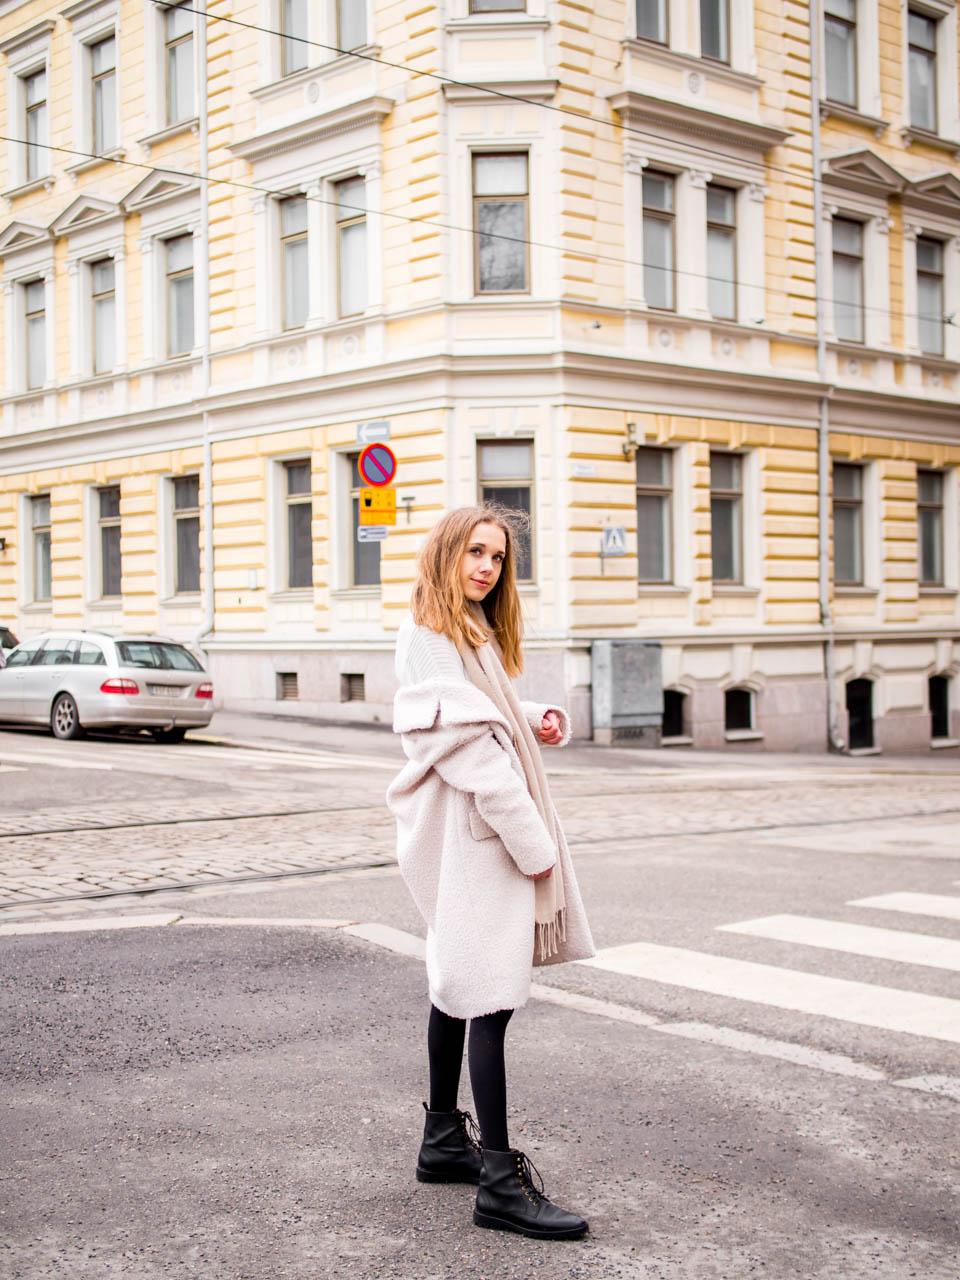 Winter street style: teddy coat and lace up boots - Talvimuoti, teddy-takki ja nyörinilkkurit